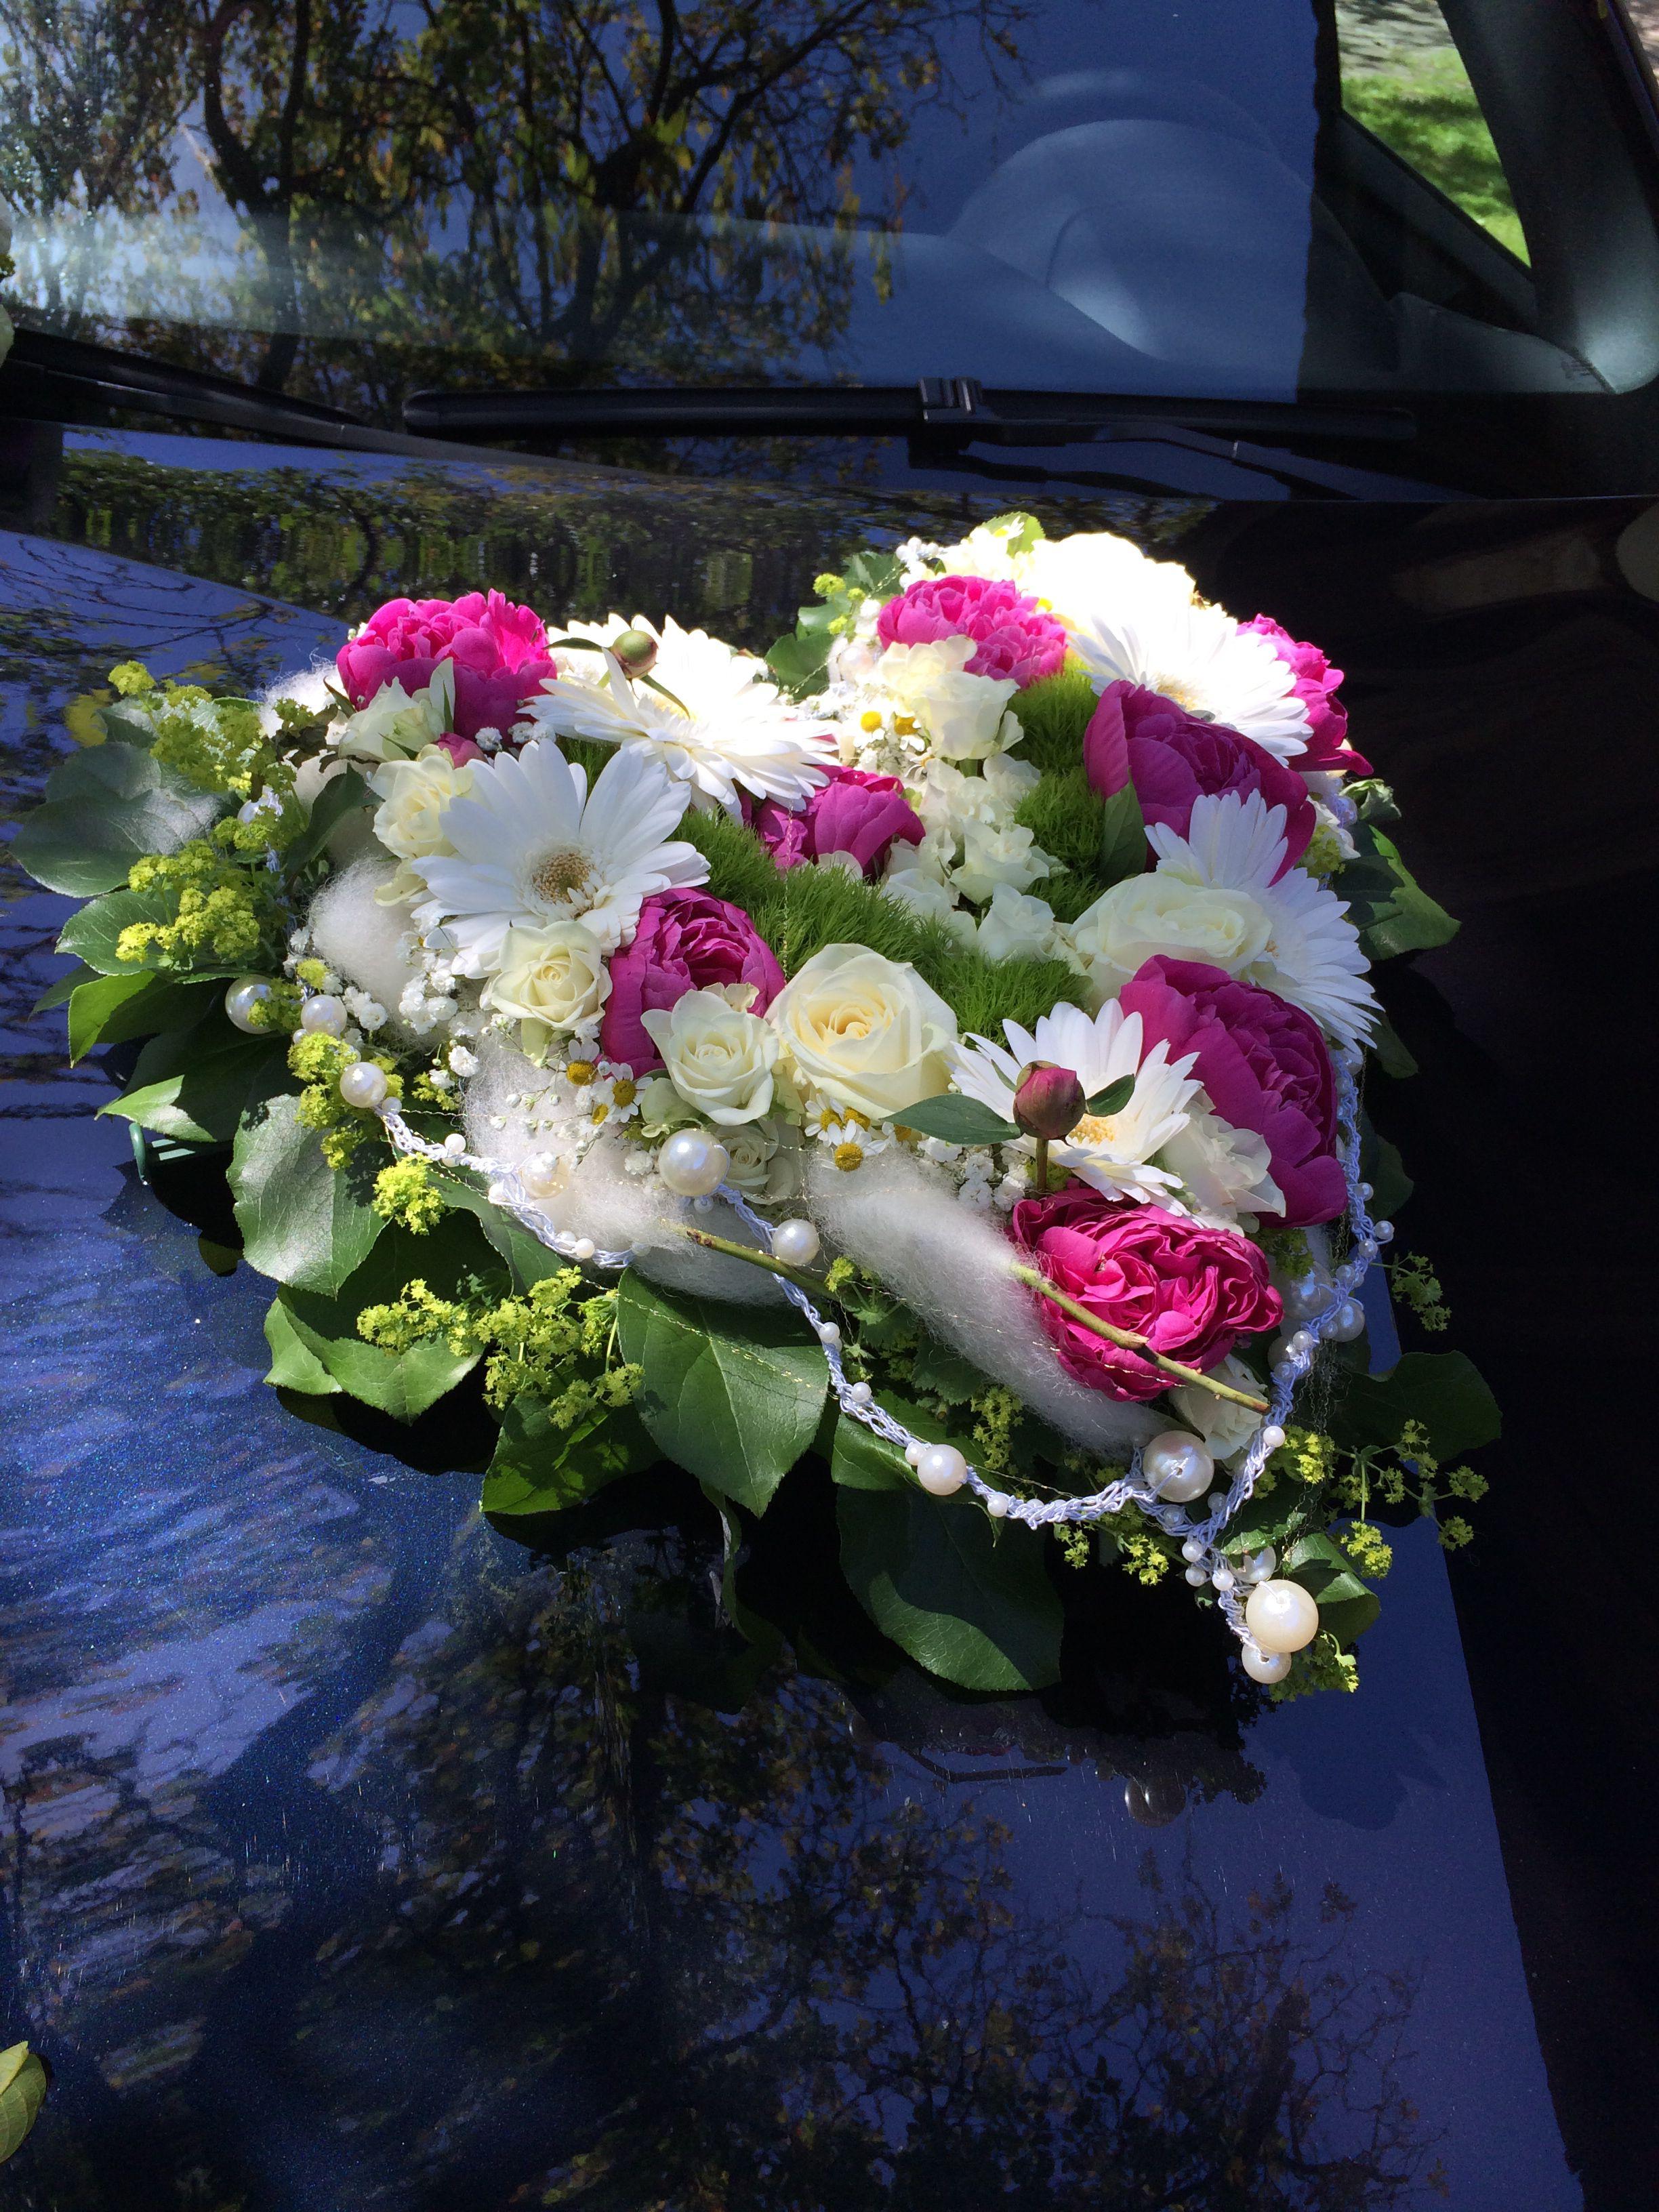 Autoschmuck Hochzeit Something Boda Ramos Und Flores